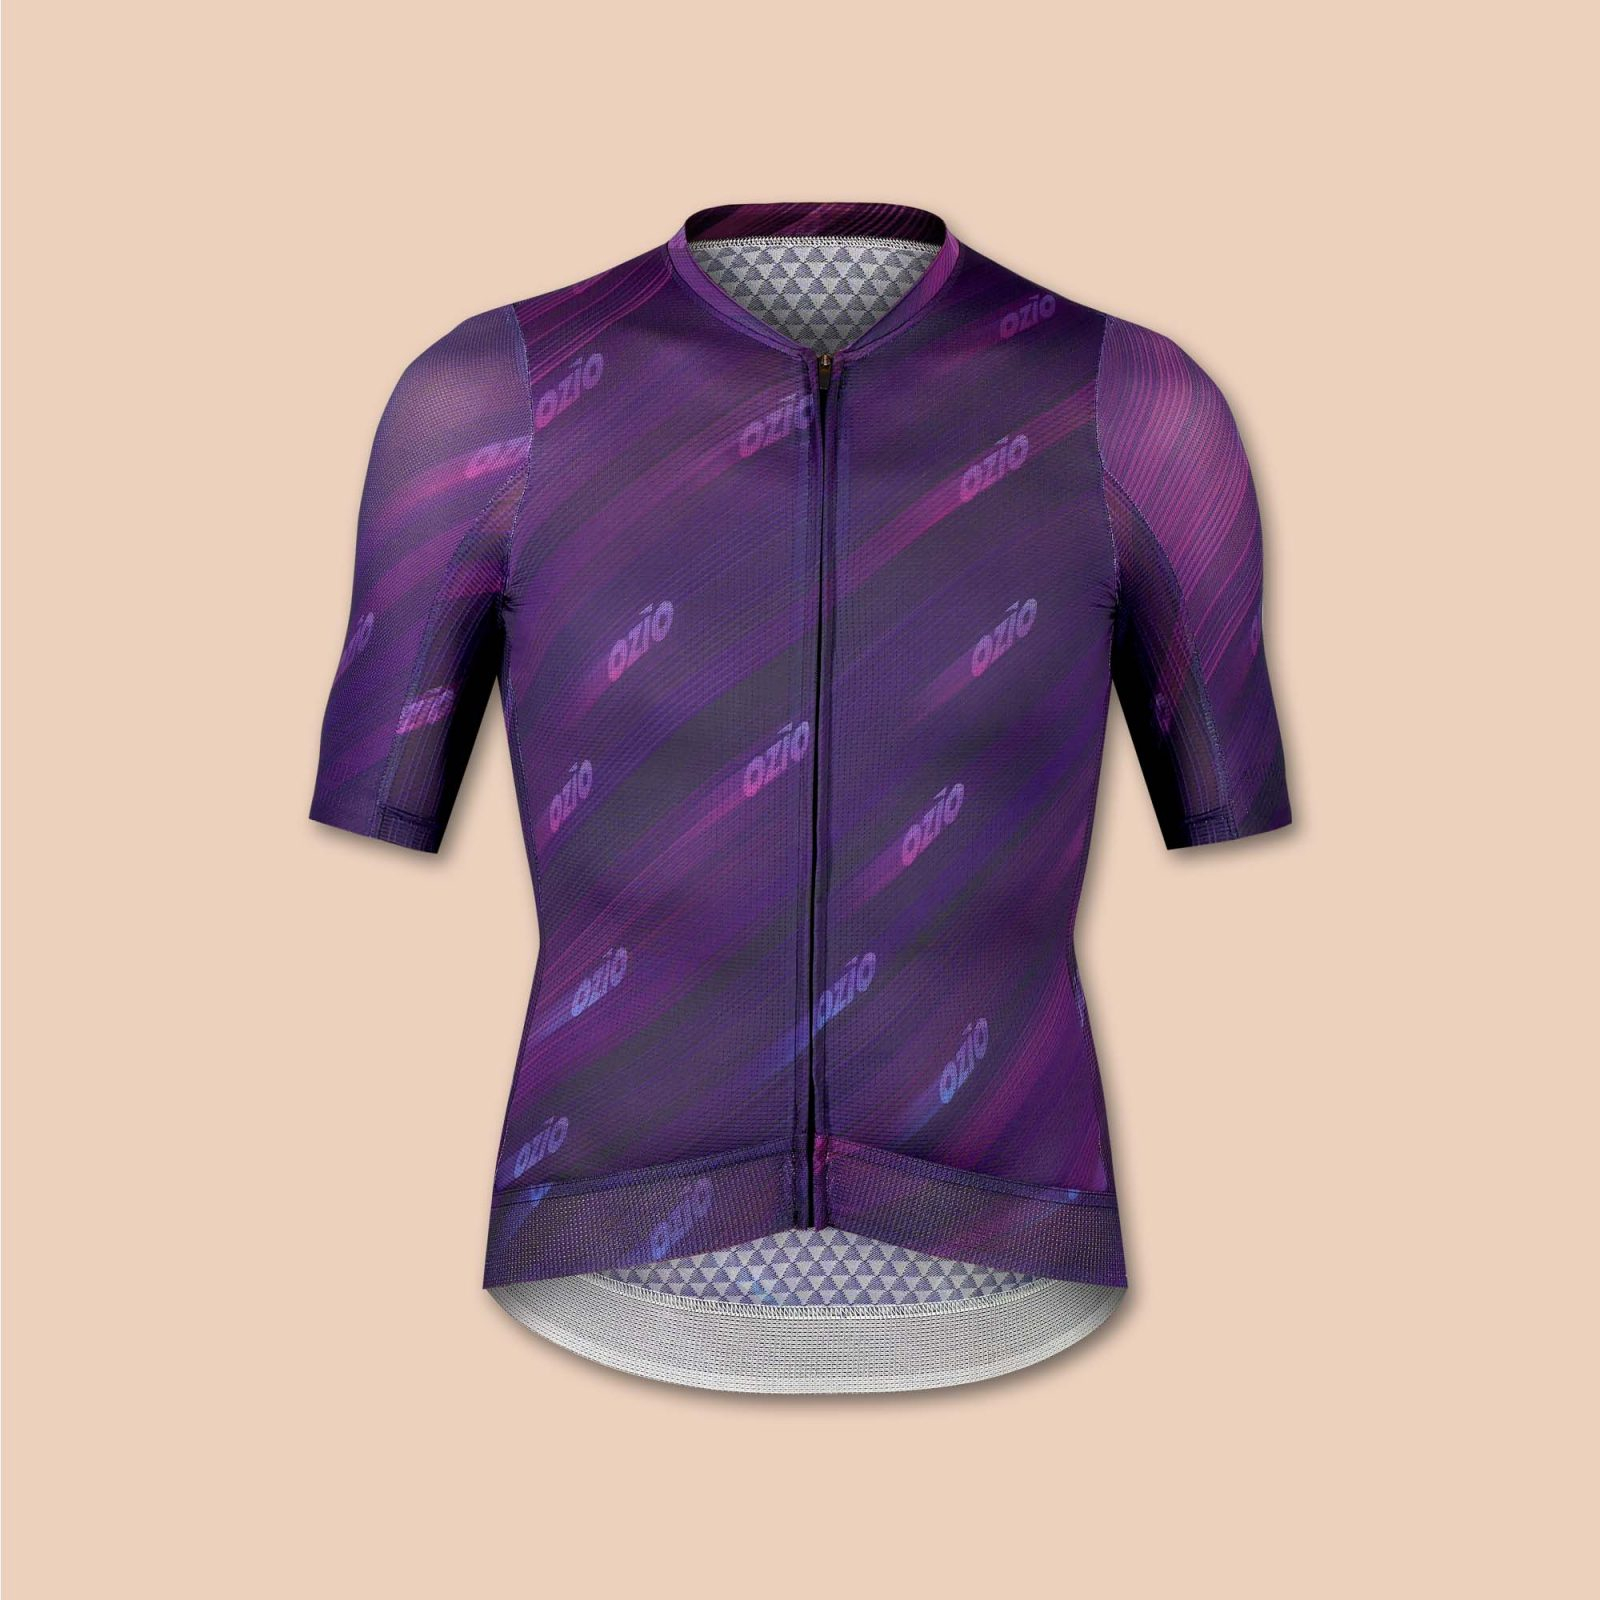 Maillot homme vélo violet uni ozio